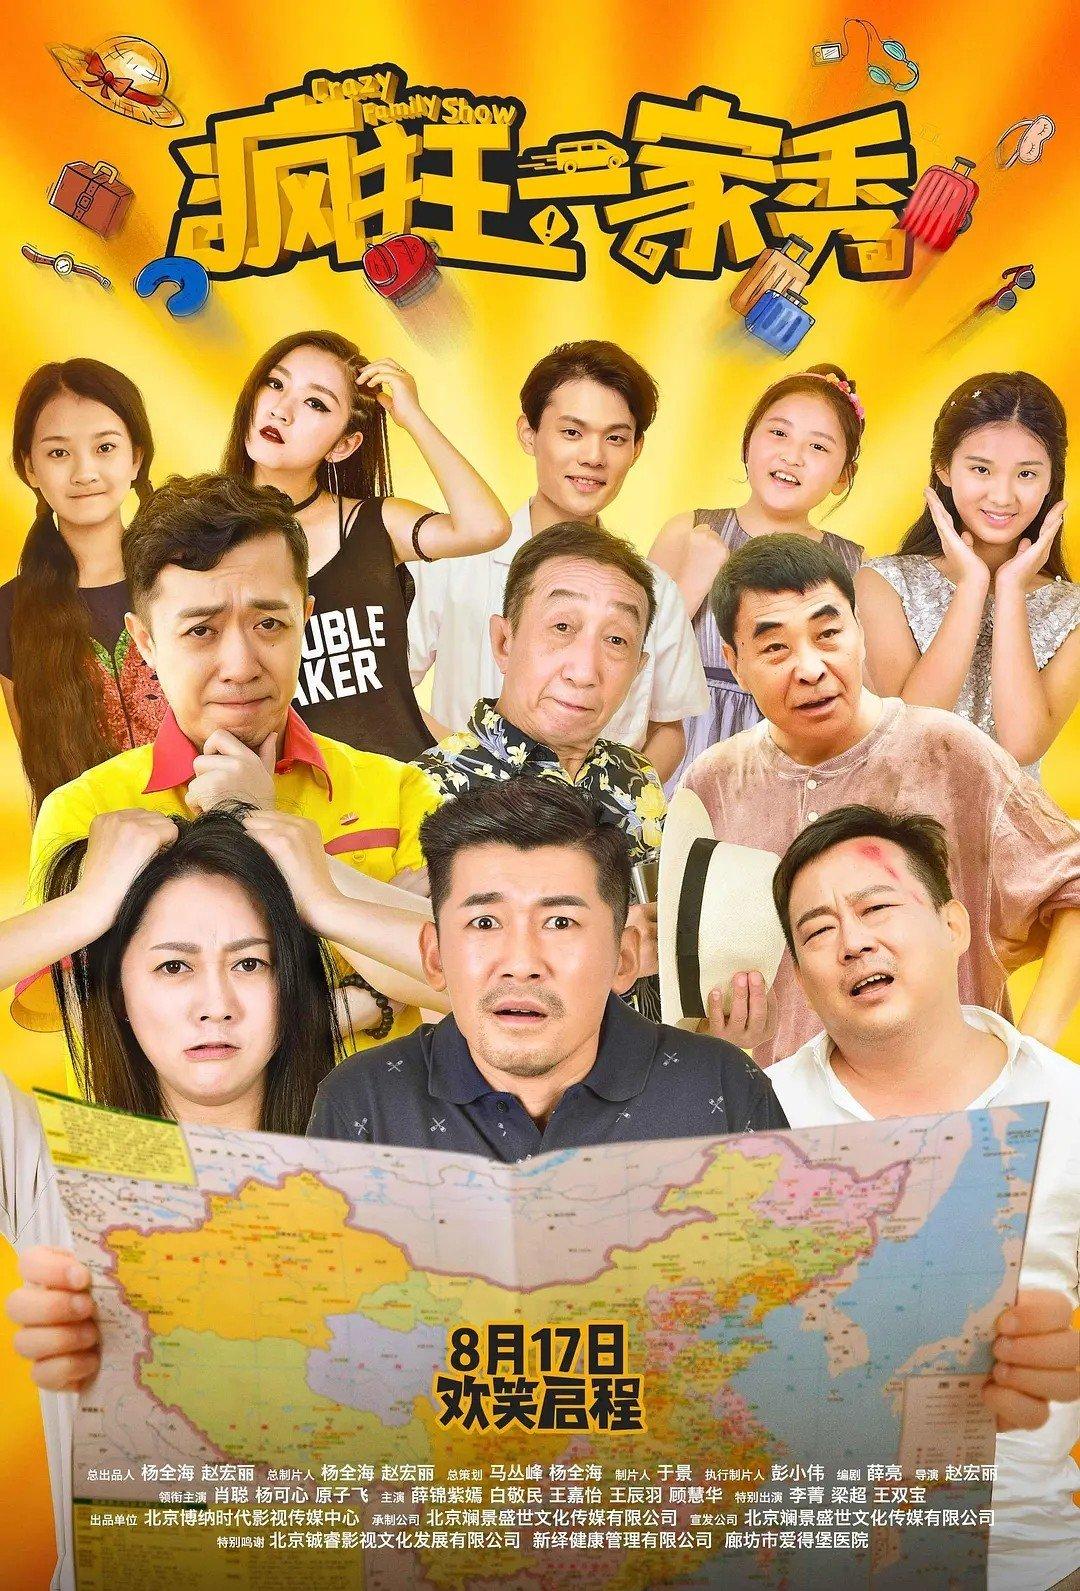 2019 中国《疯狂一家秀》温暖又治愈的喜剧故事